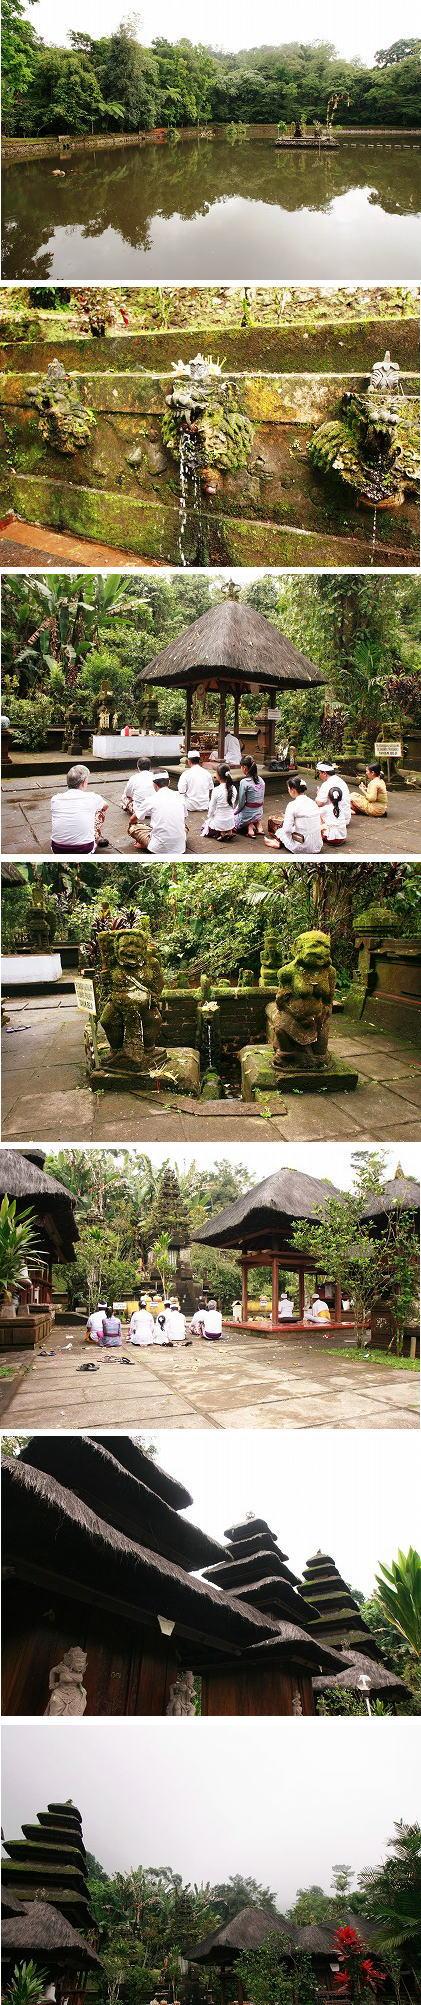 バトカウ寺院ブログサイズ